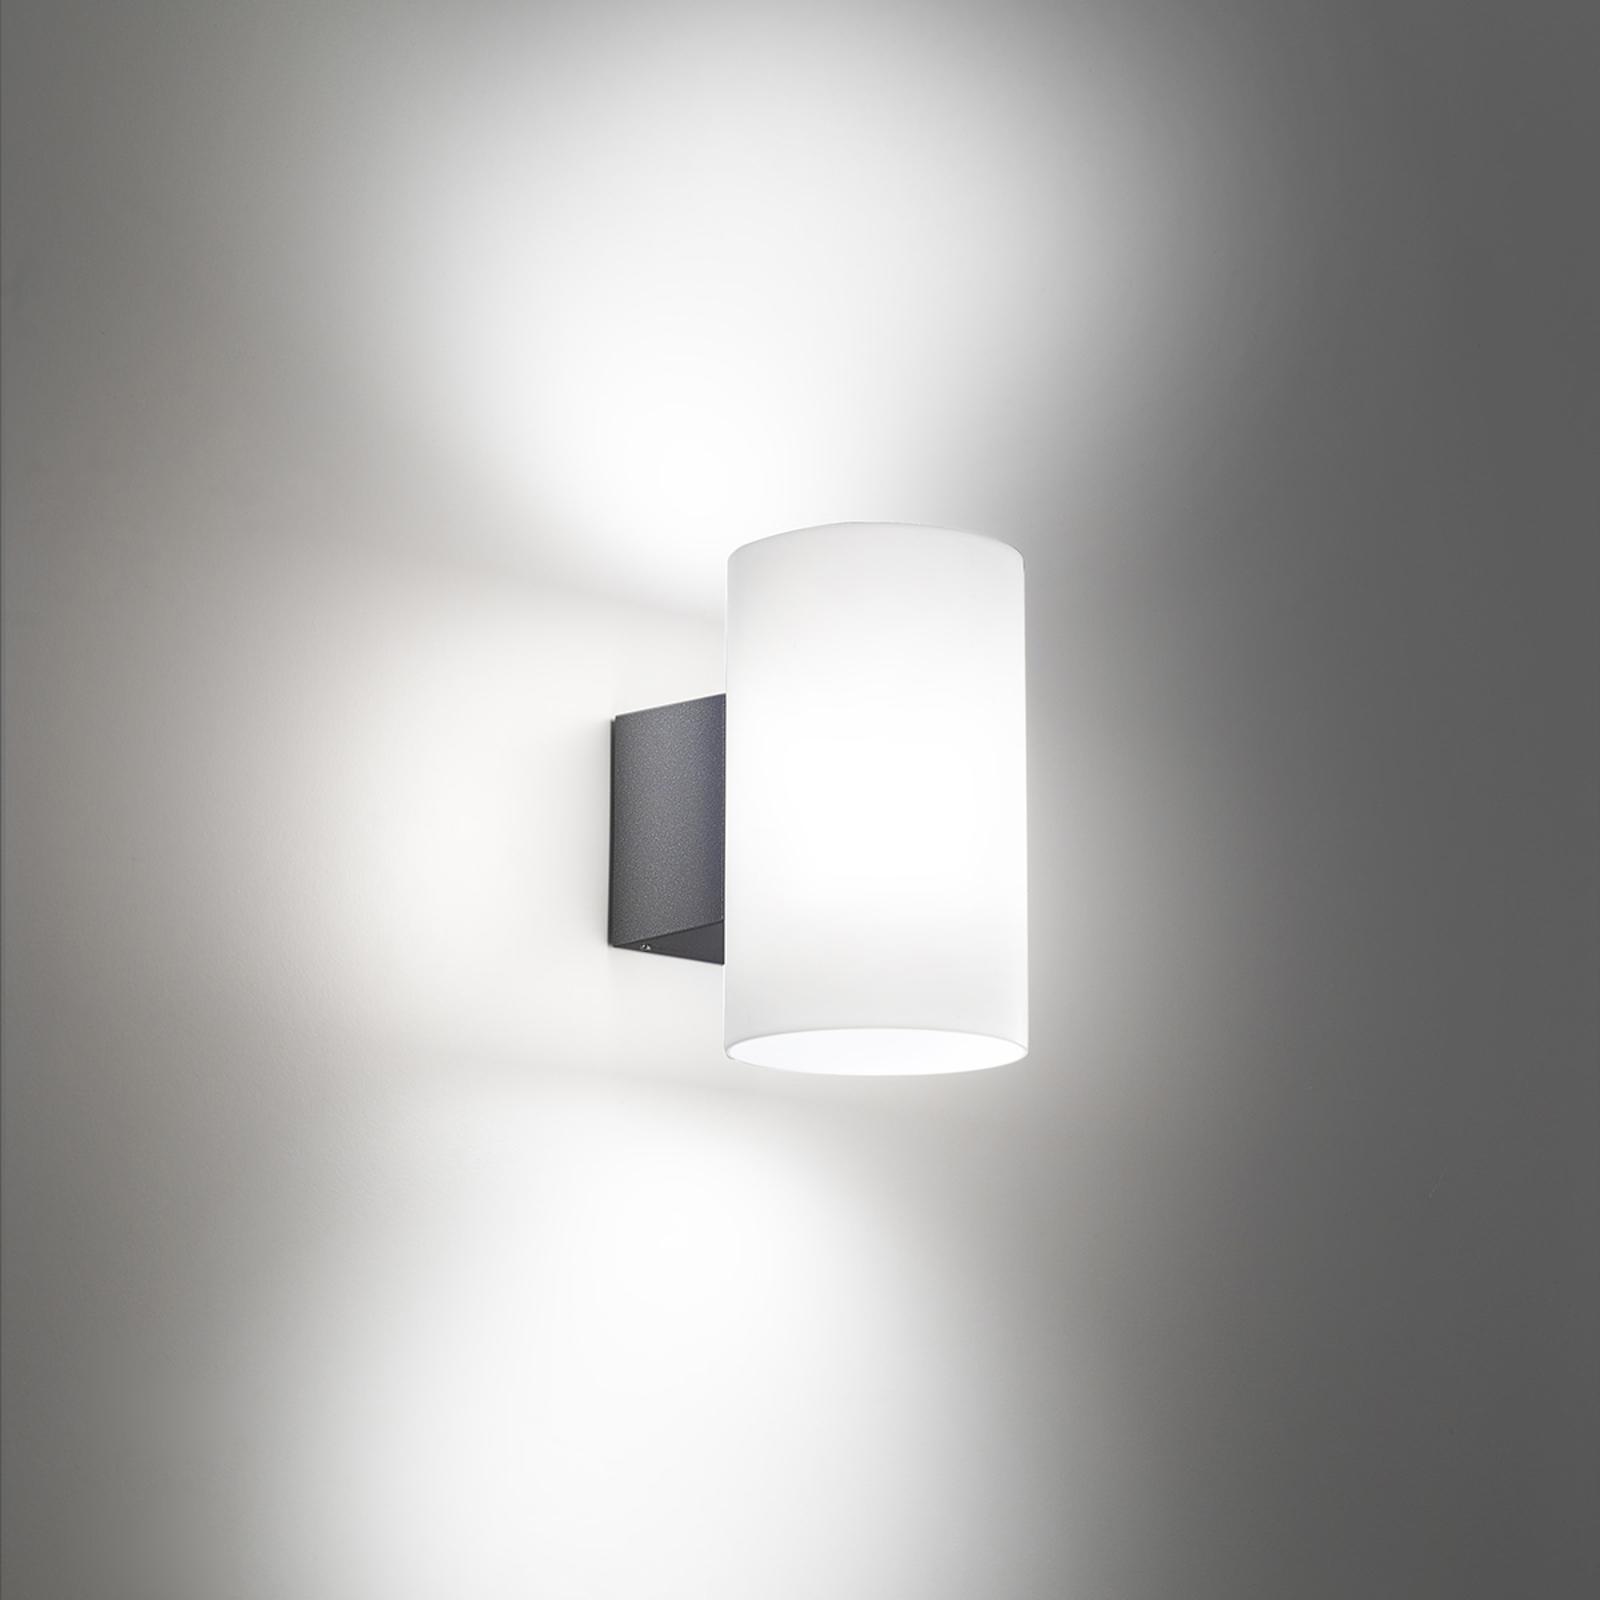 LED venkovní nástěnné světlo Bianca tmavě šedé